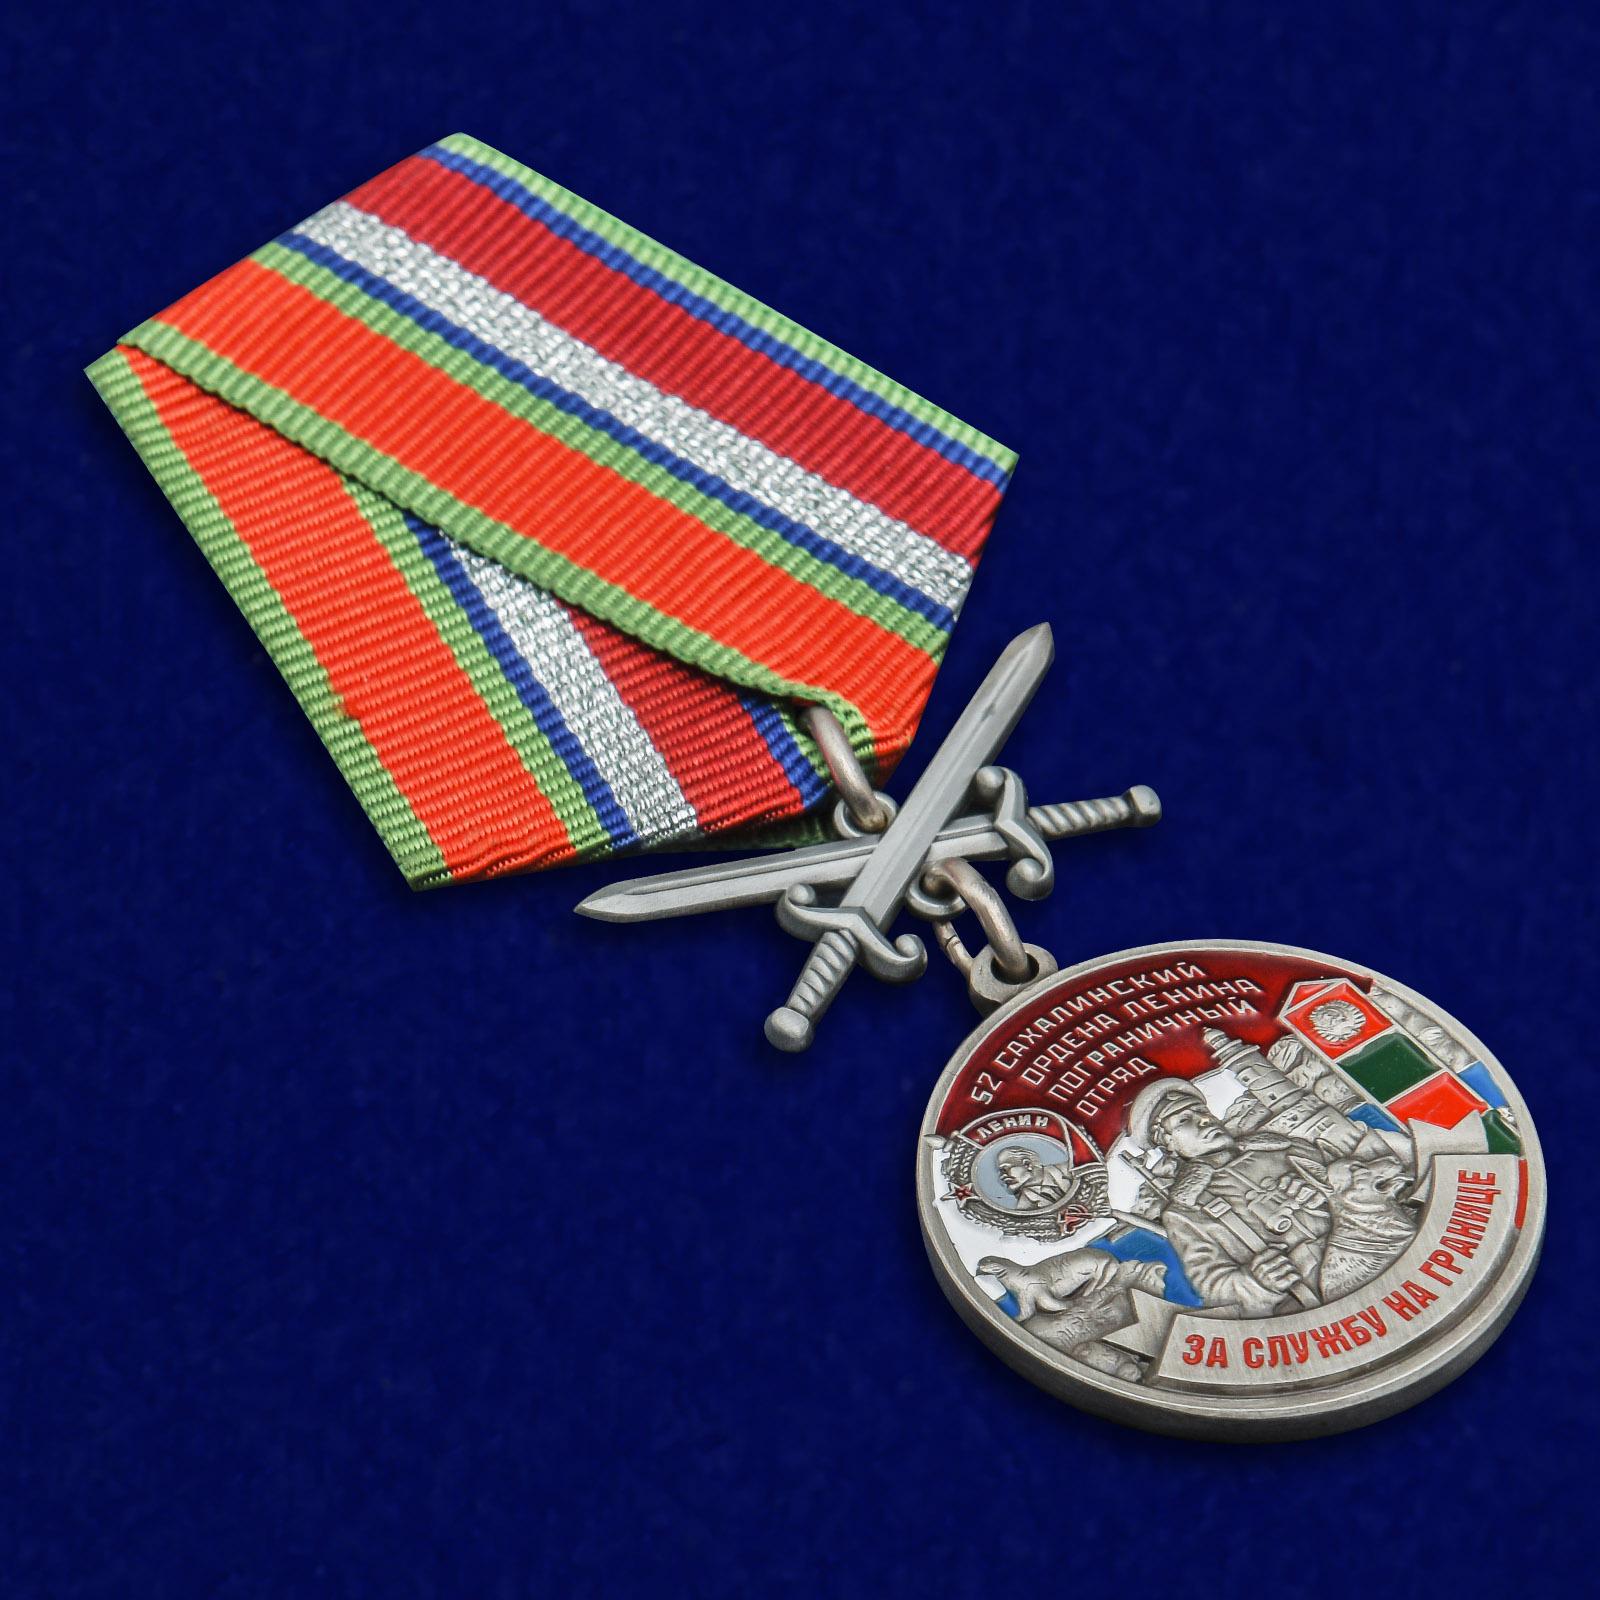 """Купить медаль """"За службу в Сахалинском пограничном отряде"""""""